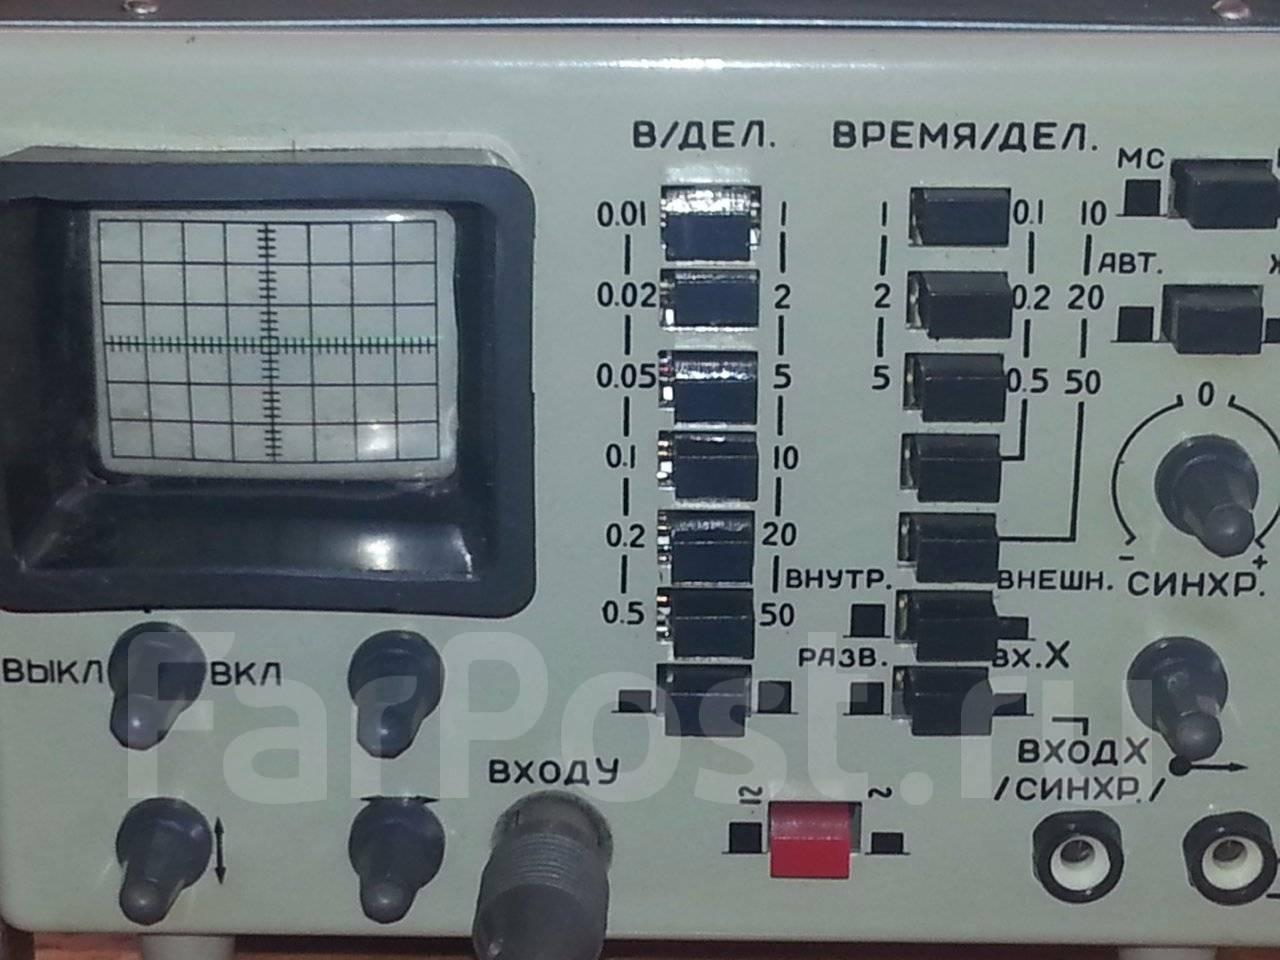 осциллограф омл-2м инструкция по применению